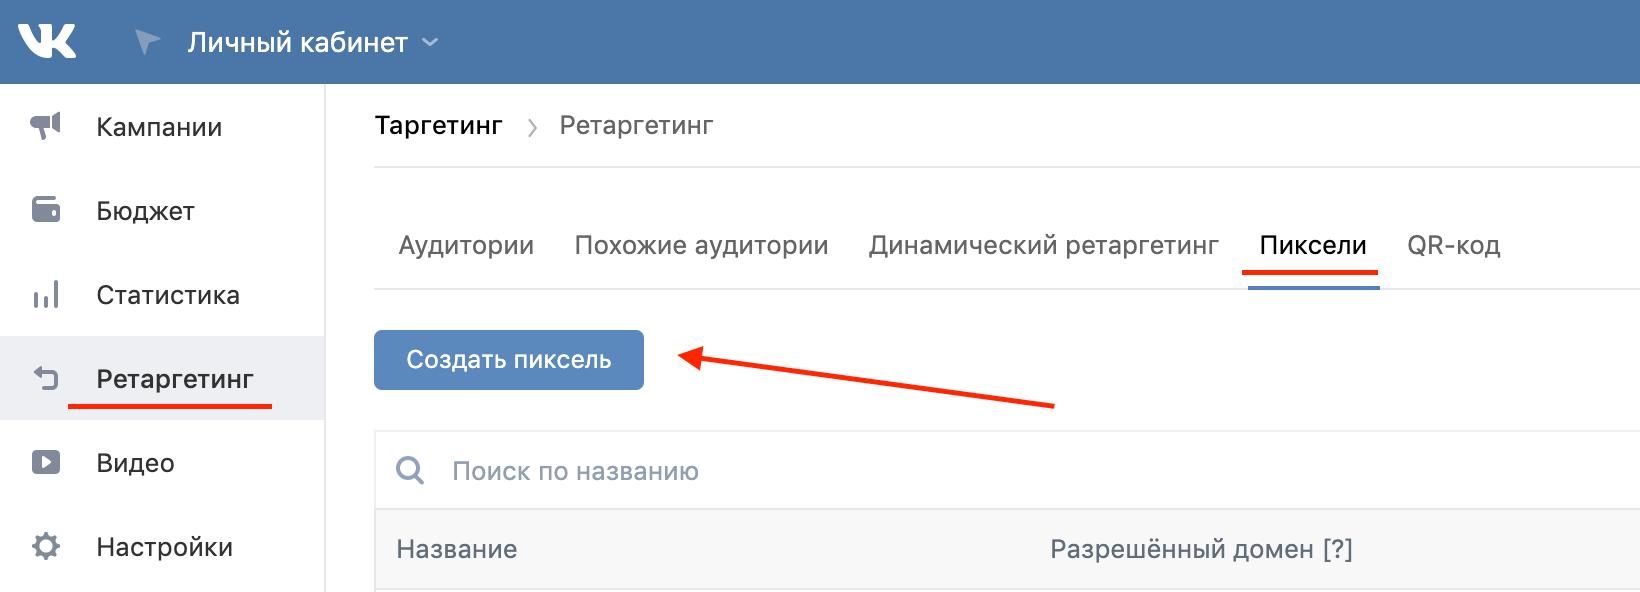 Установка пикселя ВКонтакте на сайт